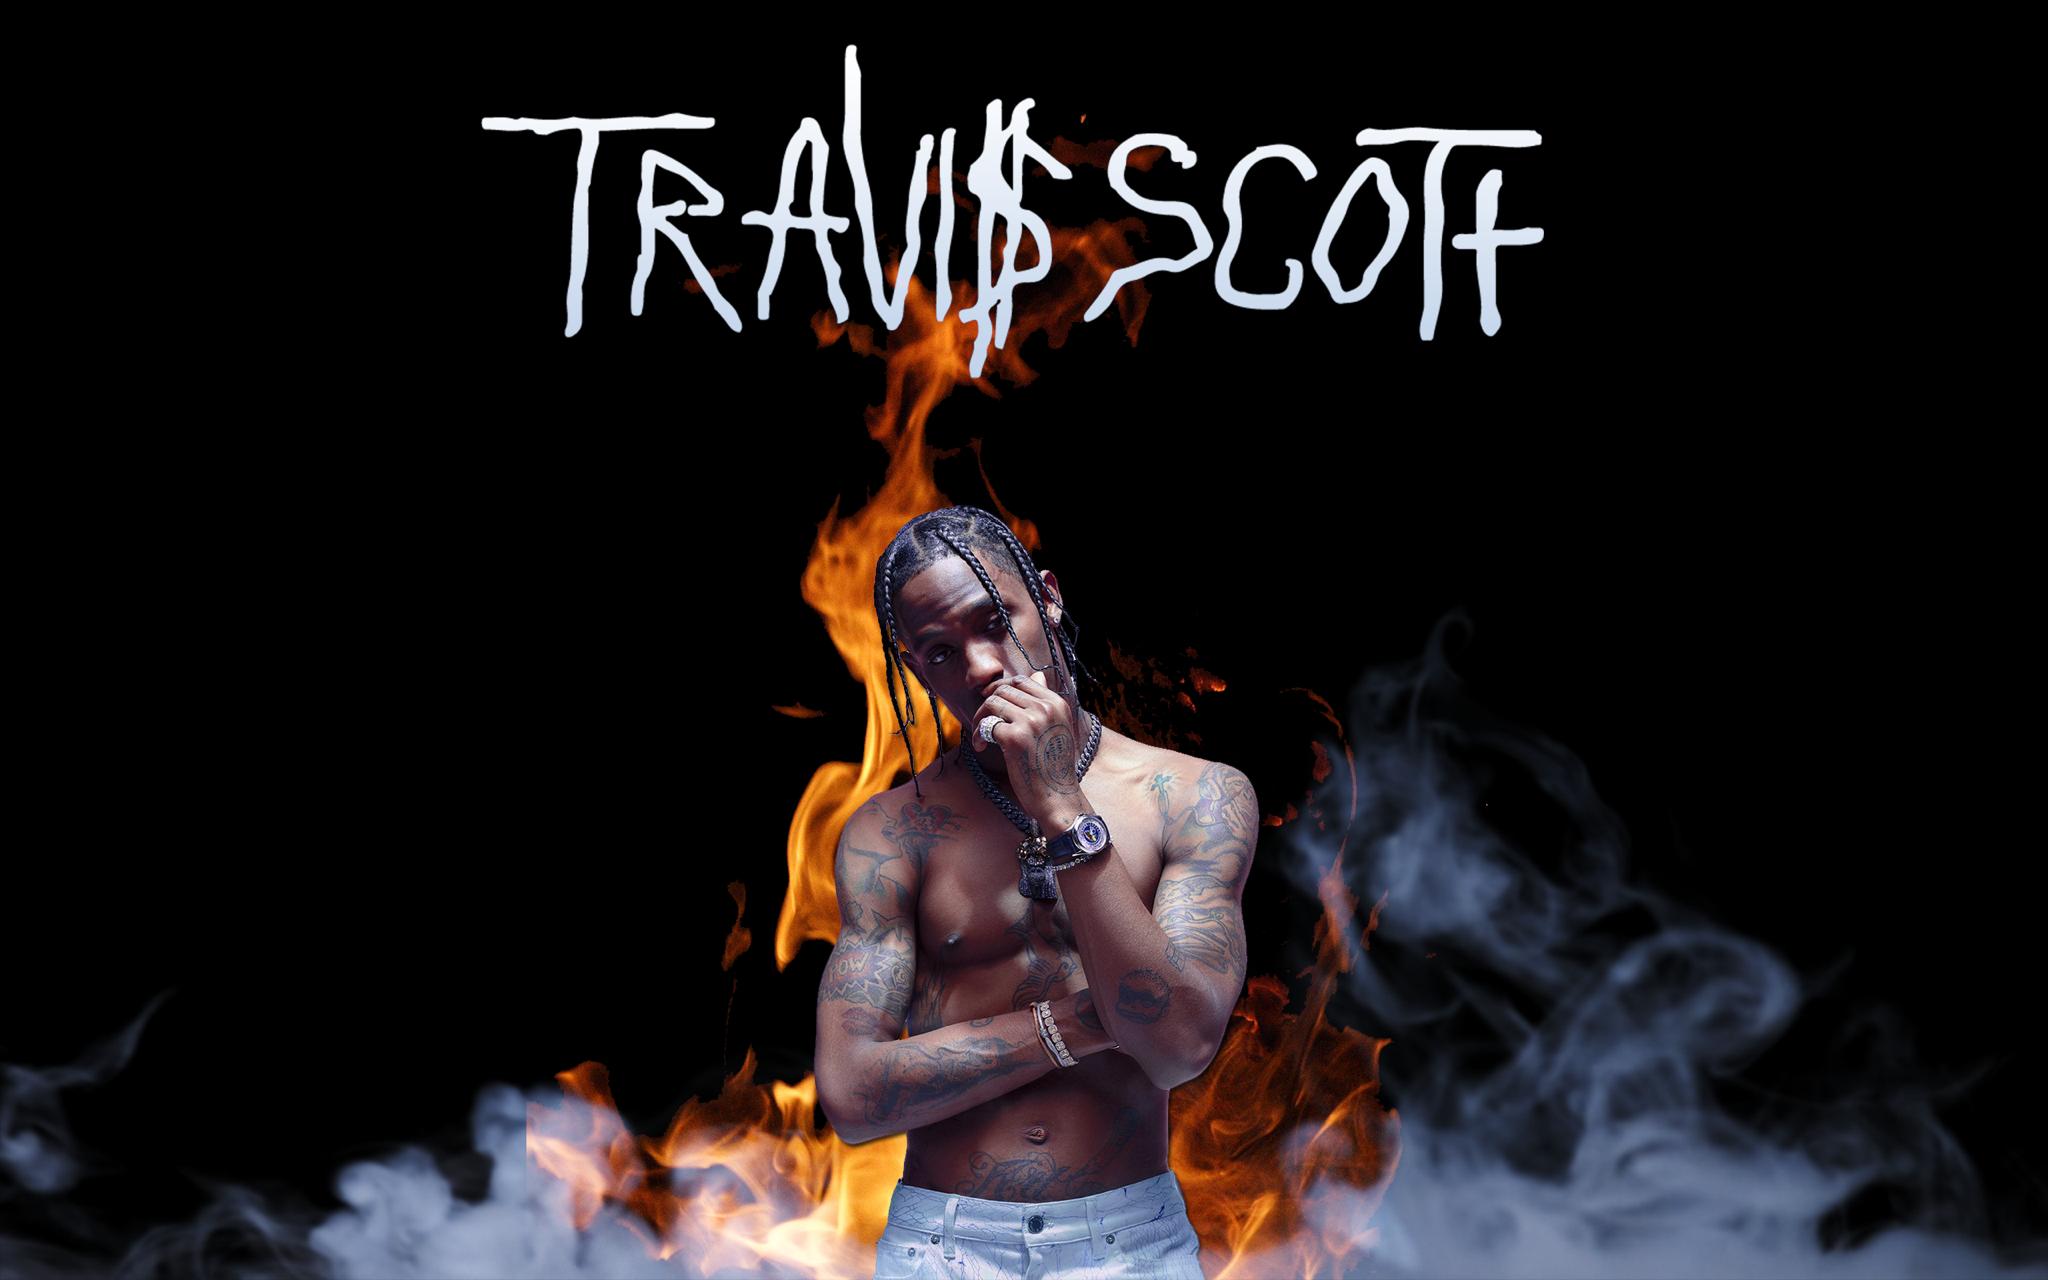 Astroworld Travis Scott hd